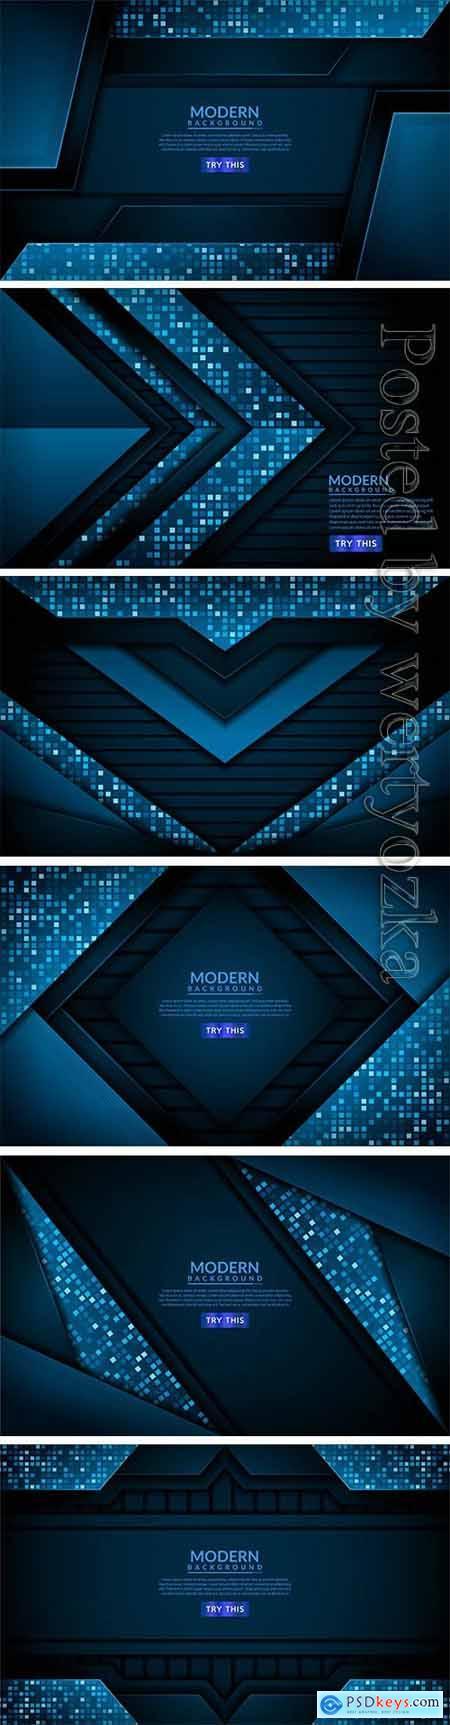 Modern tech blue vector background